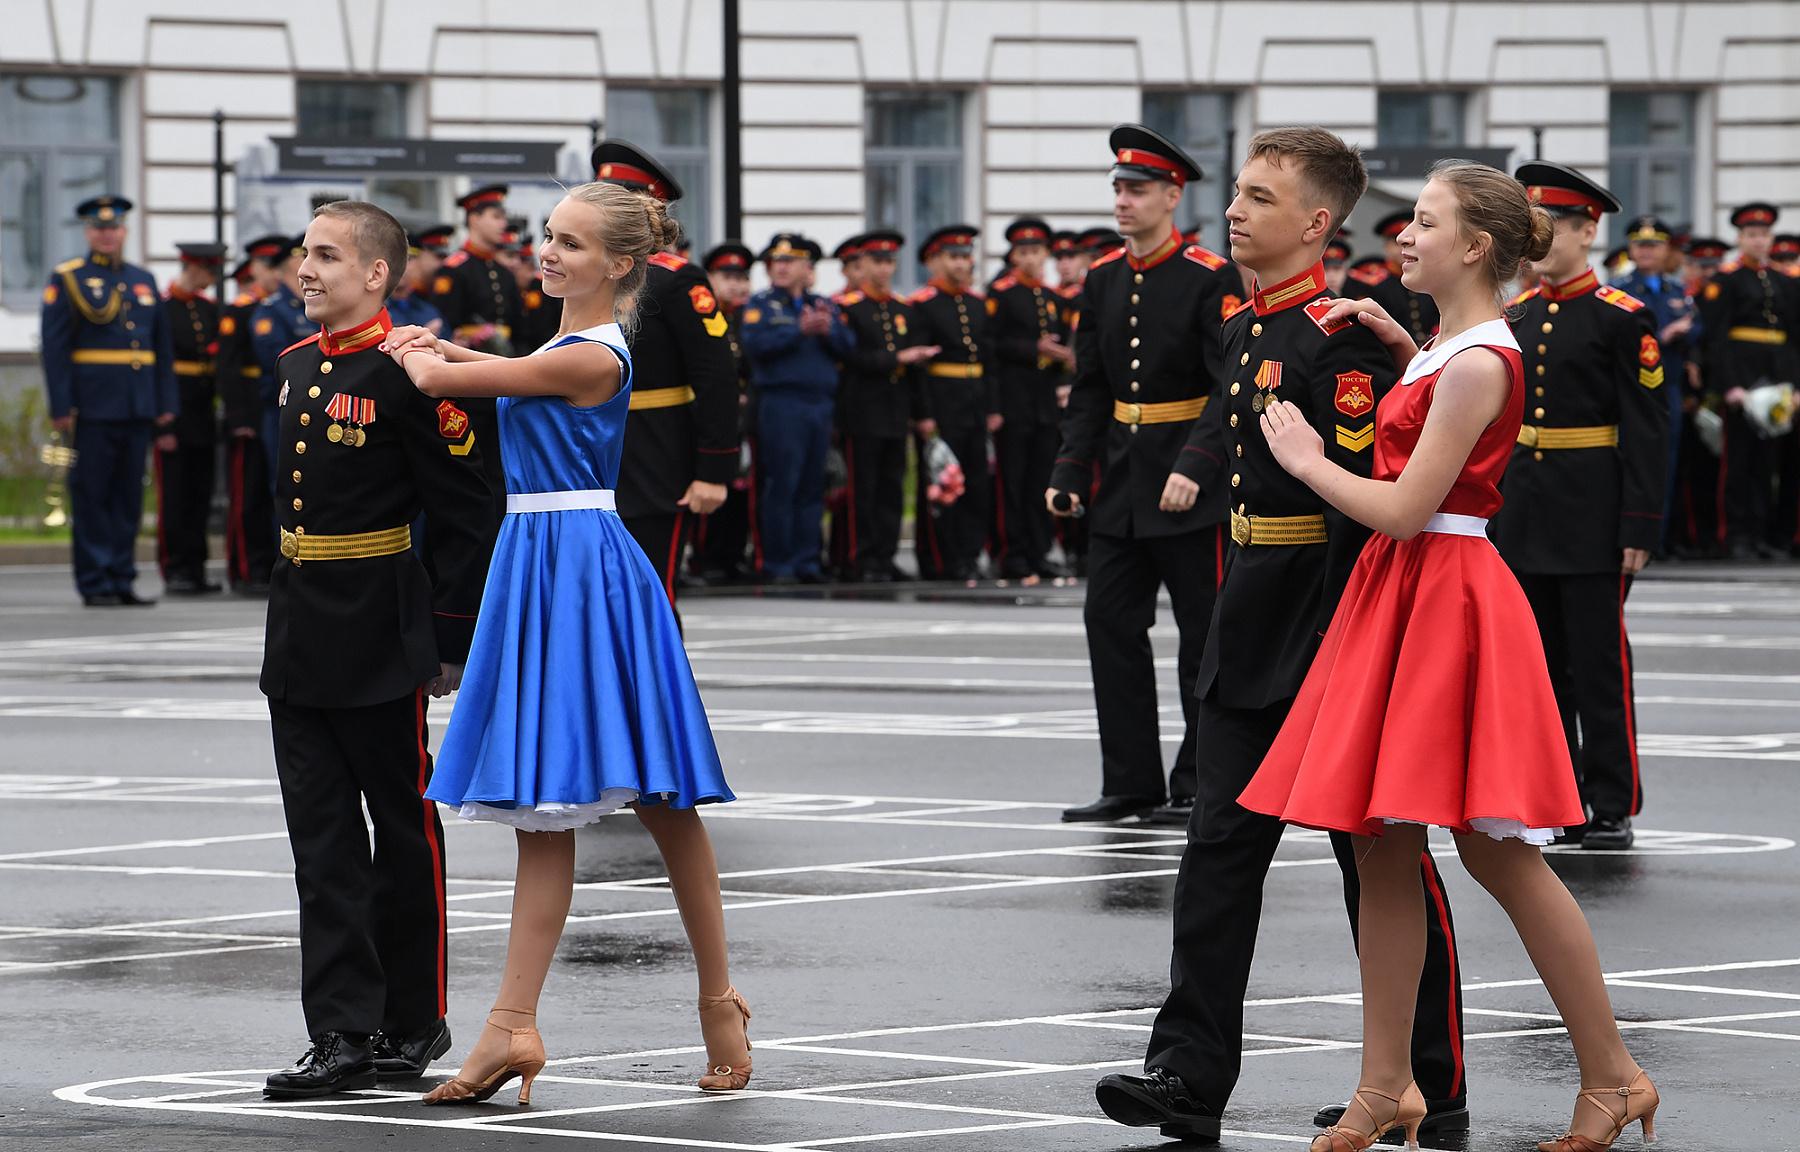 Russian Military academies/schools F_d3d3LnJlZ2lvbi50dmVyLnJ1L3VwbG9hZC9yZXNpemVfY2FjaGUvaWJsb2NrLzI5ZS8xODAwXzE2MDBfMC9EU0NfNTY4MS5KUEc_X19pZD0xMzU0MTM=